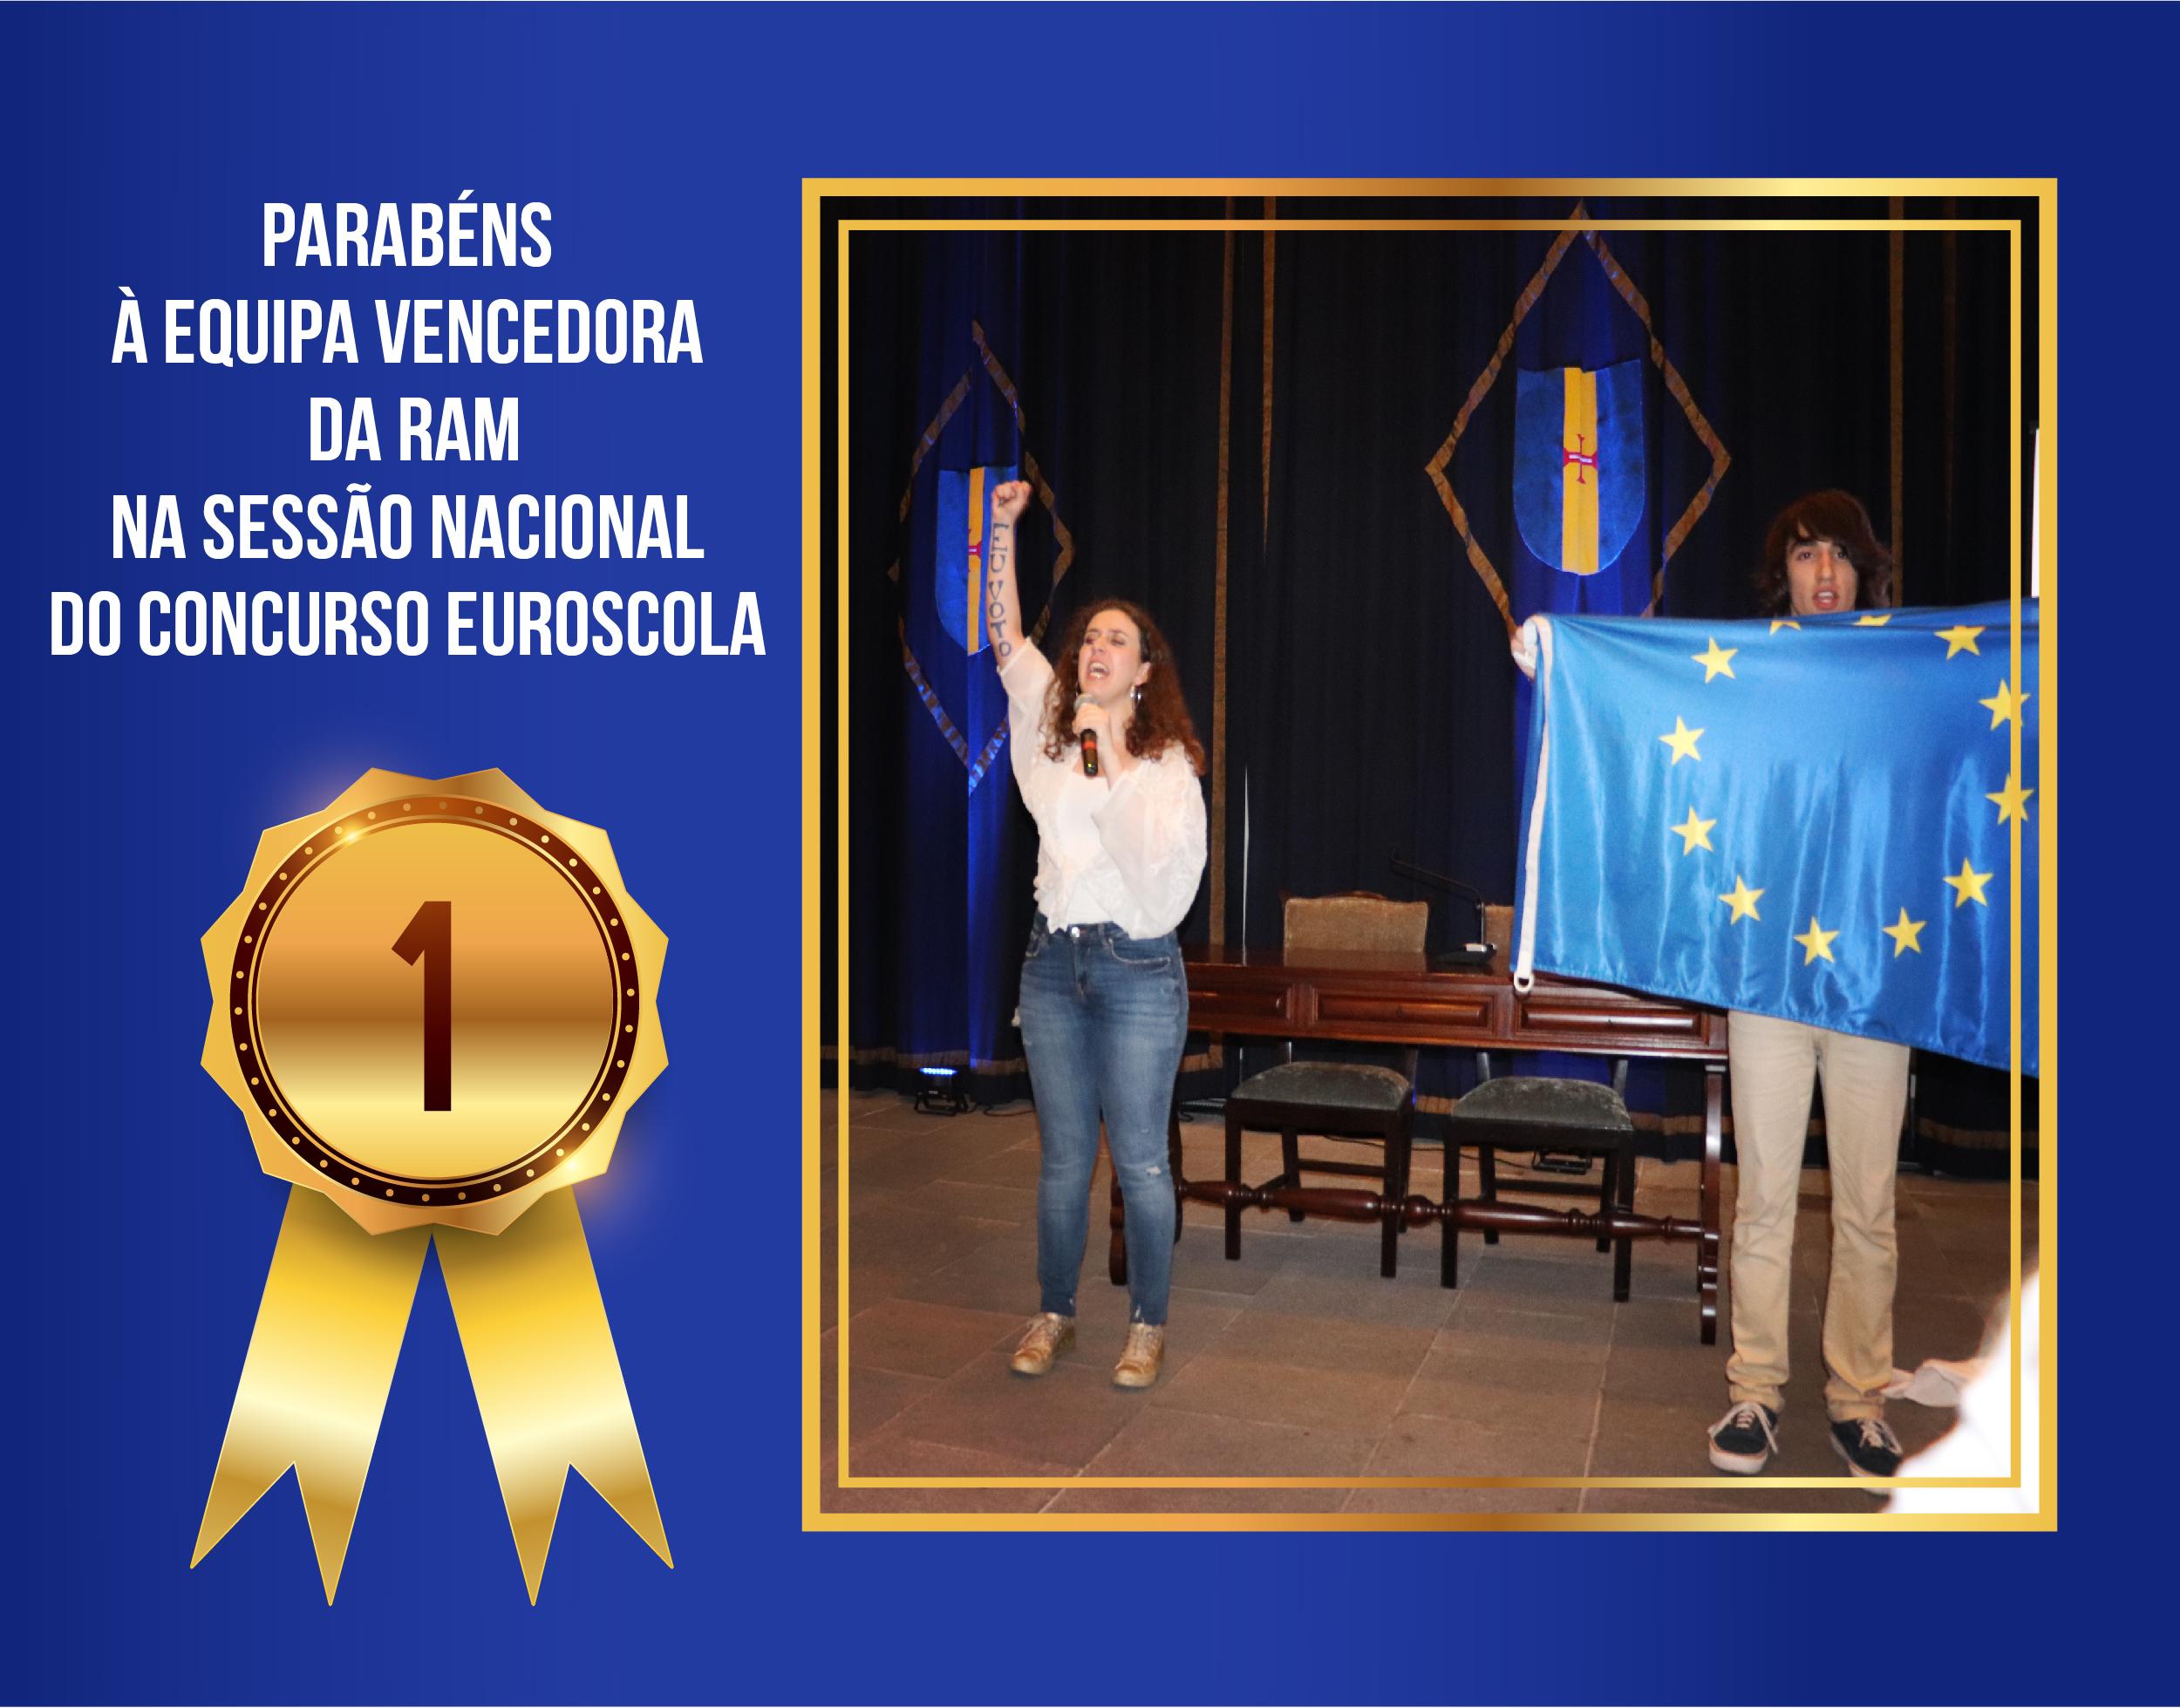 Madeira Vencedora Nacional do Euroscola